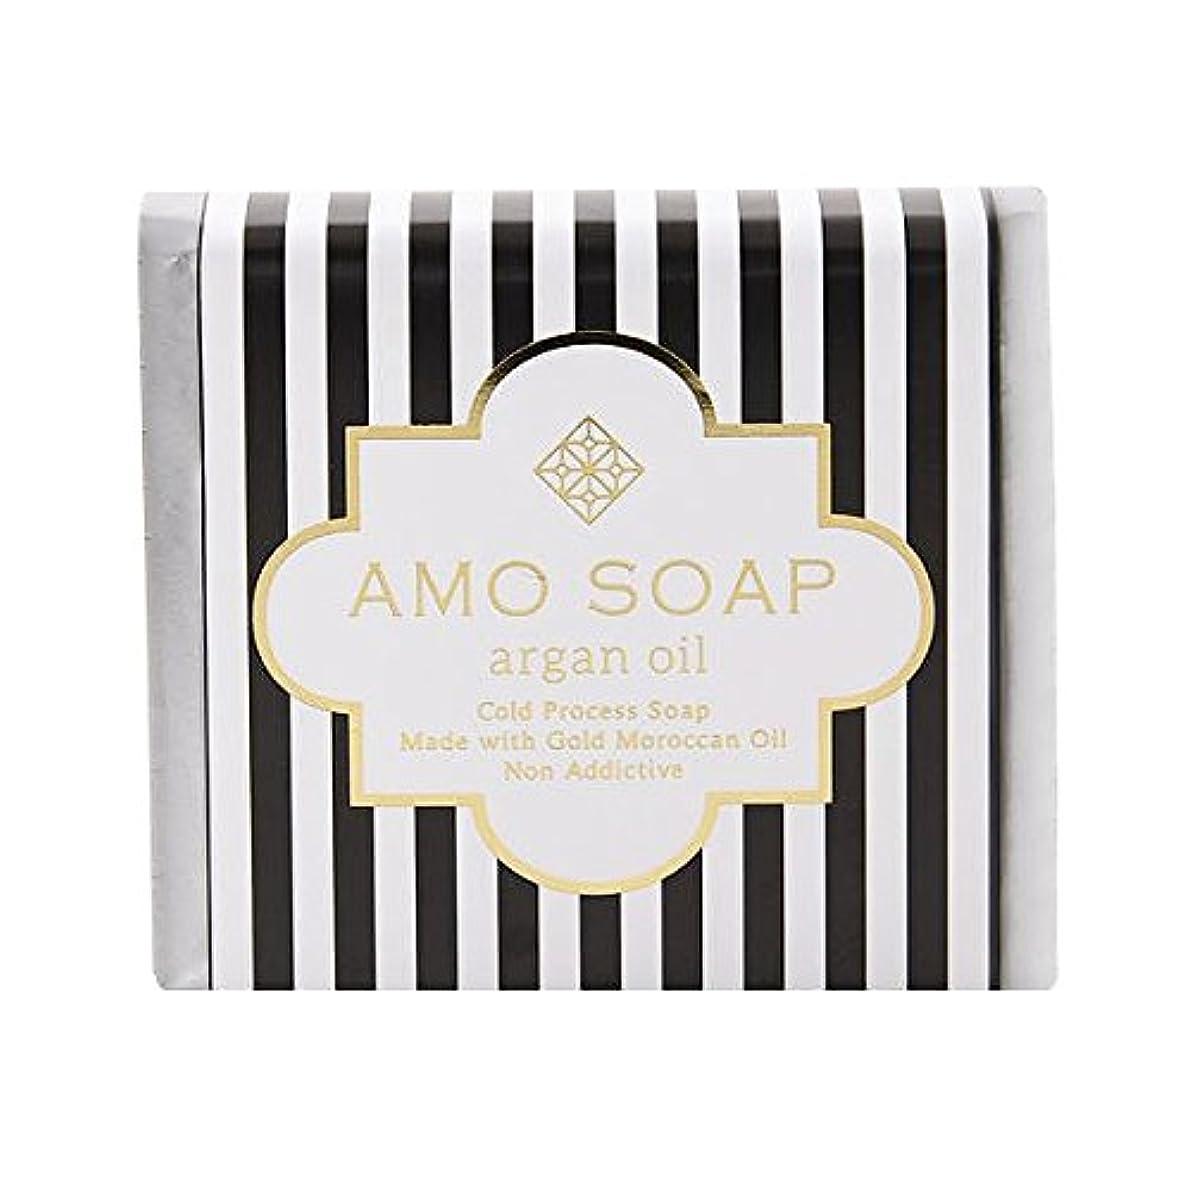 挨拶払い戻しフロントAMO SOAP(アモソープ) 洗顔せっけんアルガンオイル配合 1個 コールドプロセス製法 日本製 エイジングケア オリーブオイル シアバター